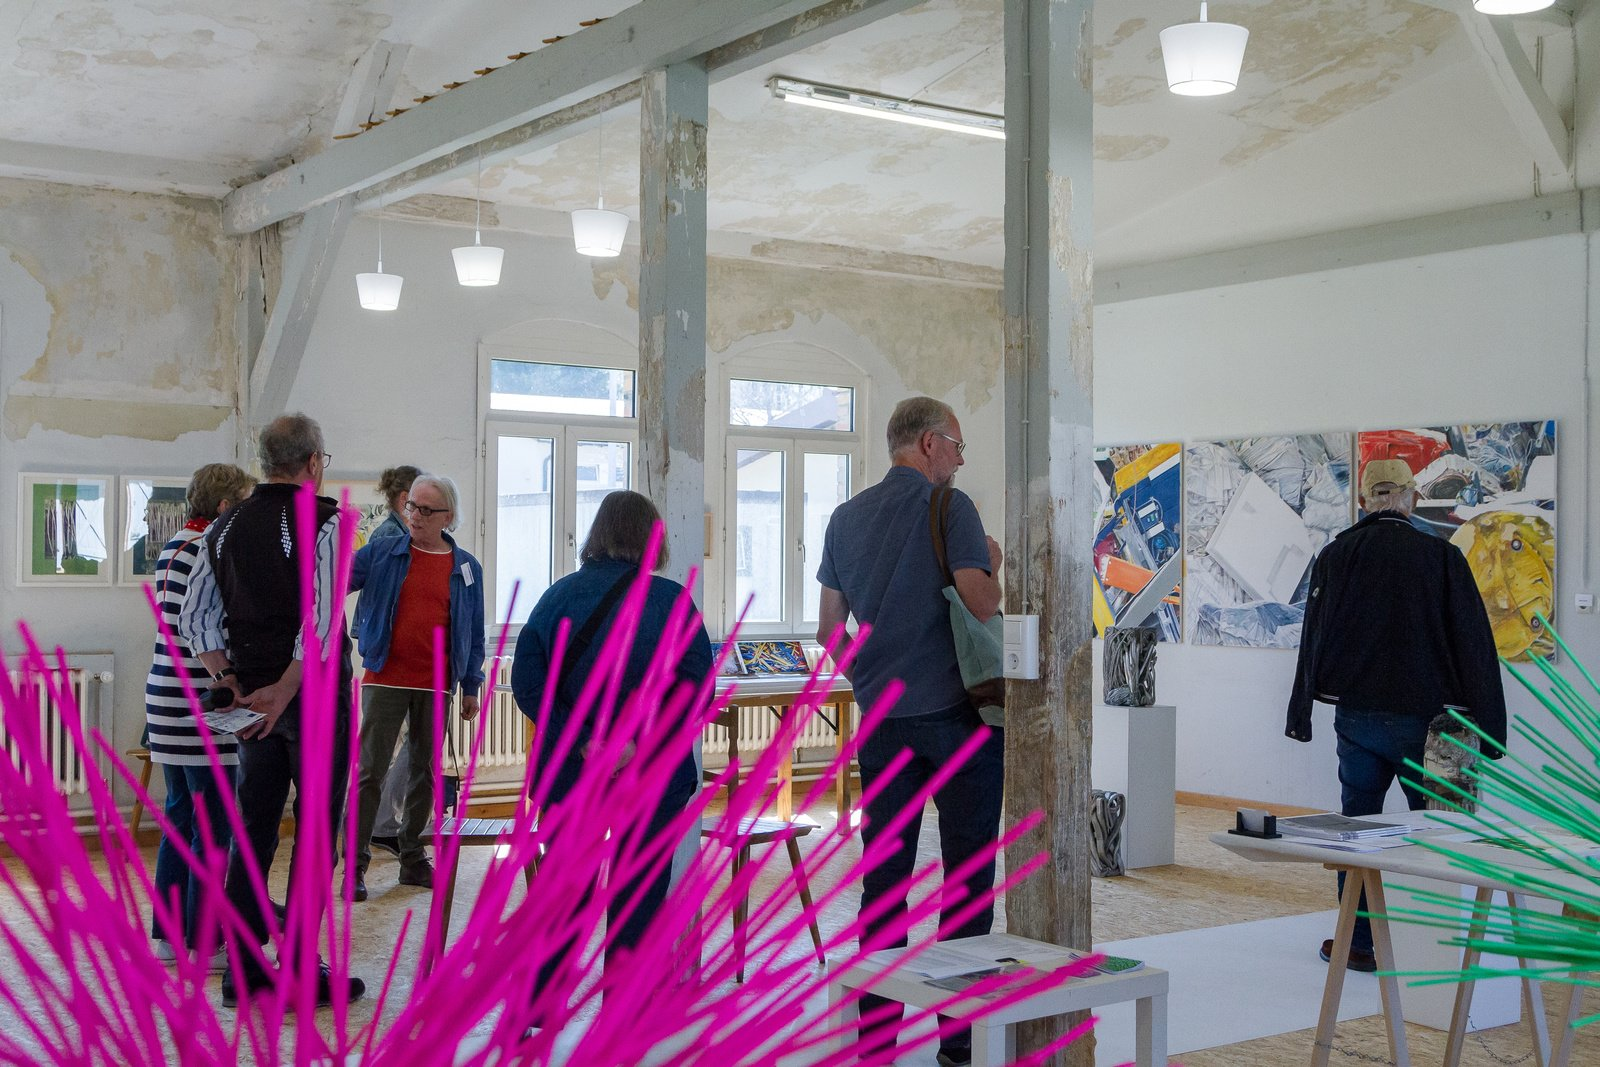 Ein weißer Fachwerk-Raum mit Personen und Bilder an den Wänden. Im Vordergrund pinke und grüne Stäbe, im Hintergrund Personen, die ein Kunstwerk an der Wand begutachten.